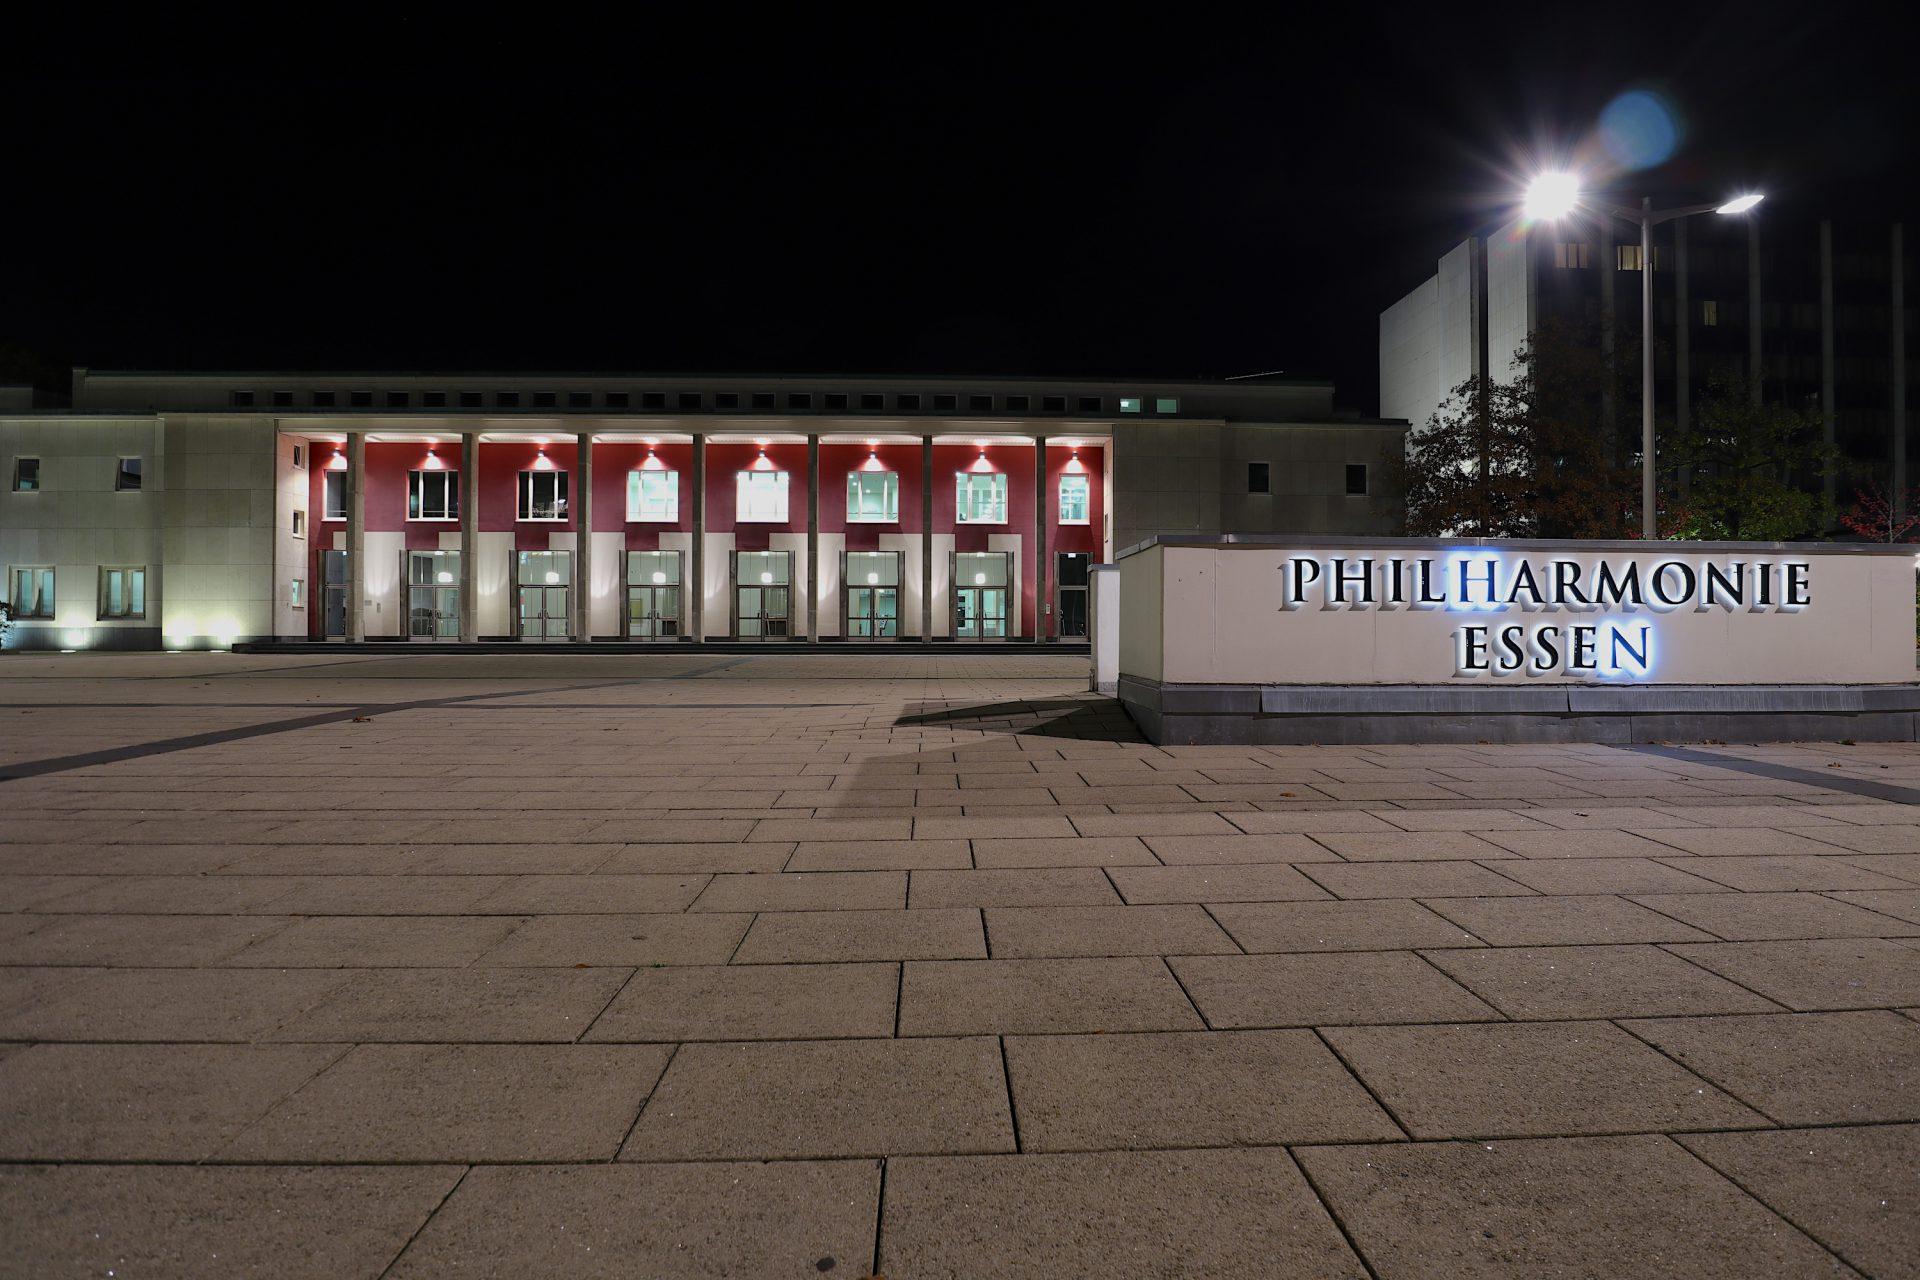 Philharmonie. Sie ist die älteste Institution der drei Spielstätten und steht im starken Kontrast zu Aaltos beschwingtem Musiktheater.